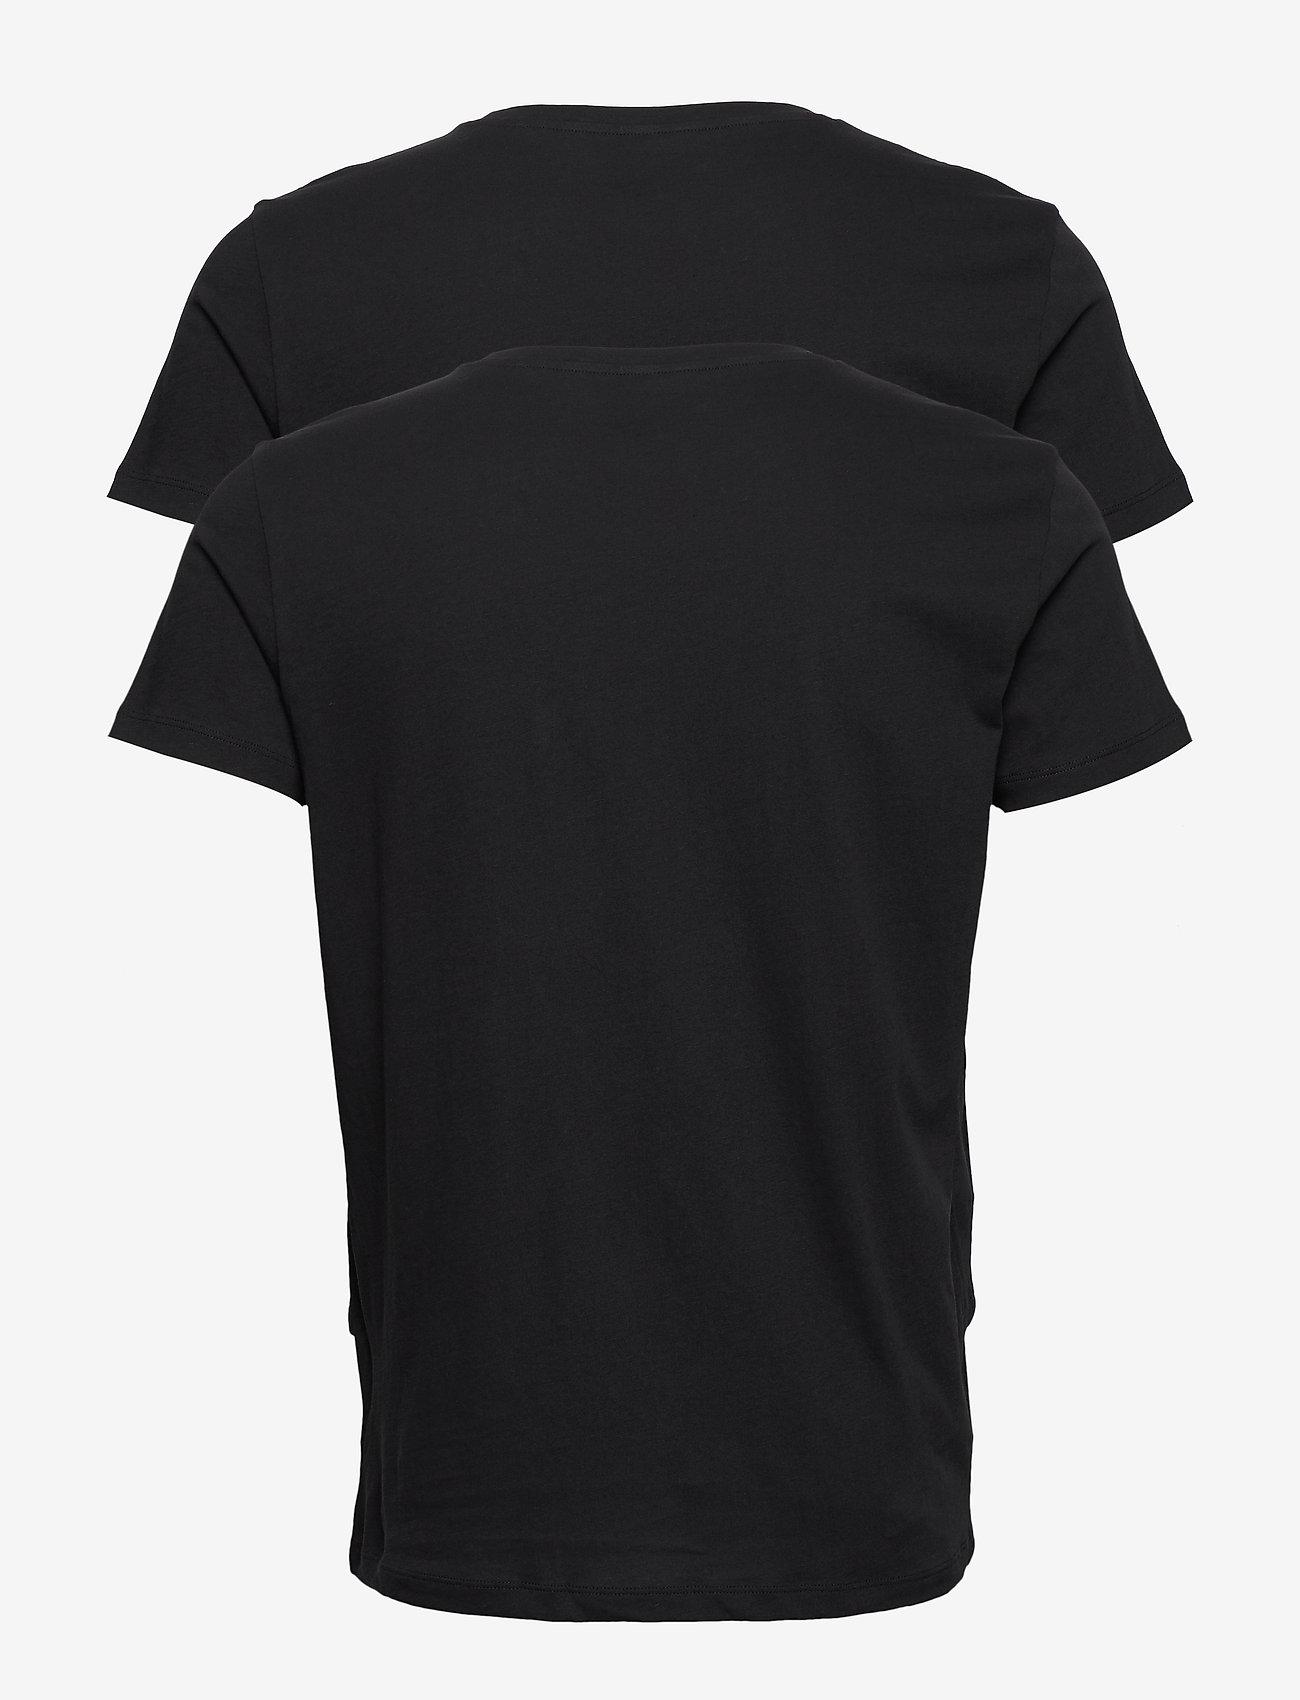 GANT BASIC 2-PACK CREW NECK T-SHIRT - T-skjorter BLACK - Menn Klær